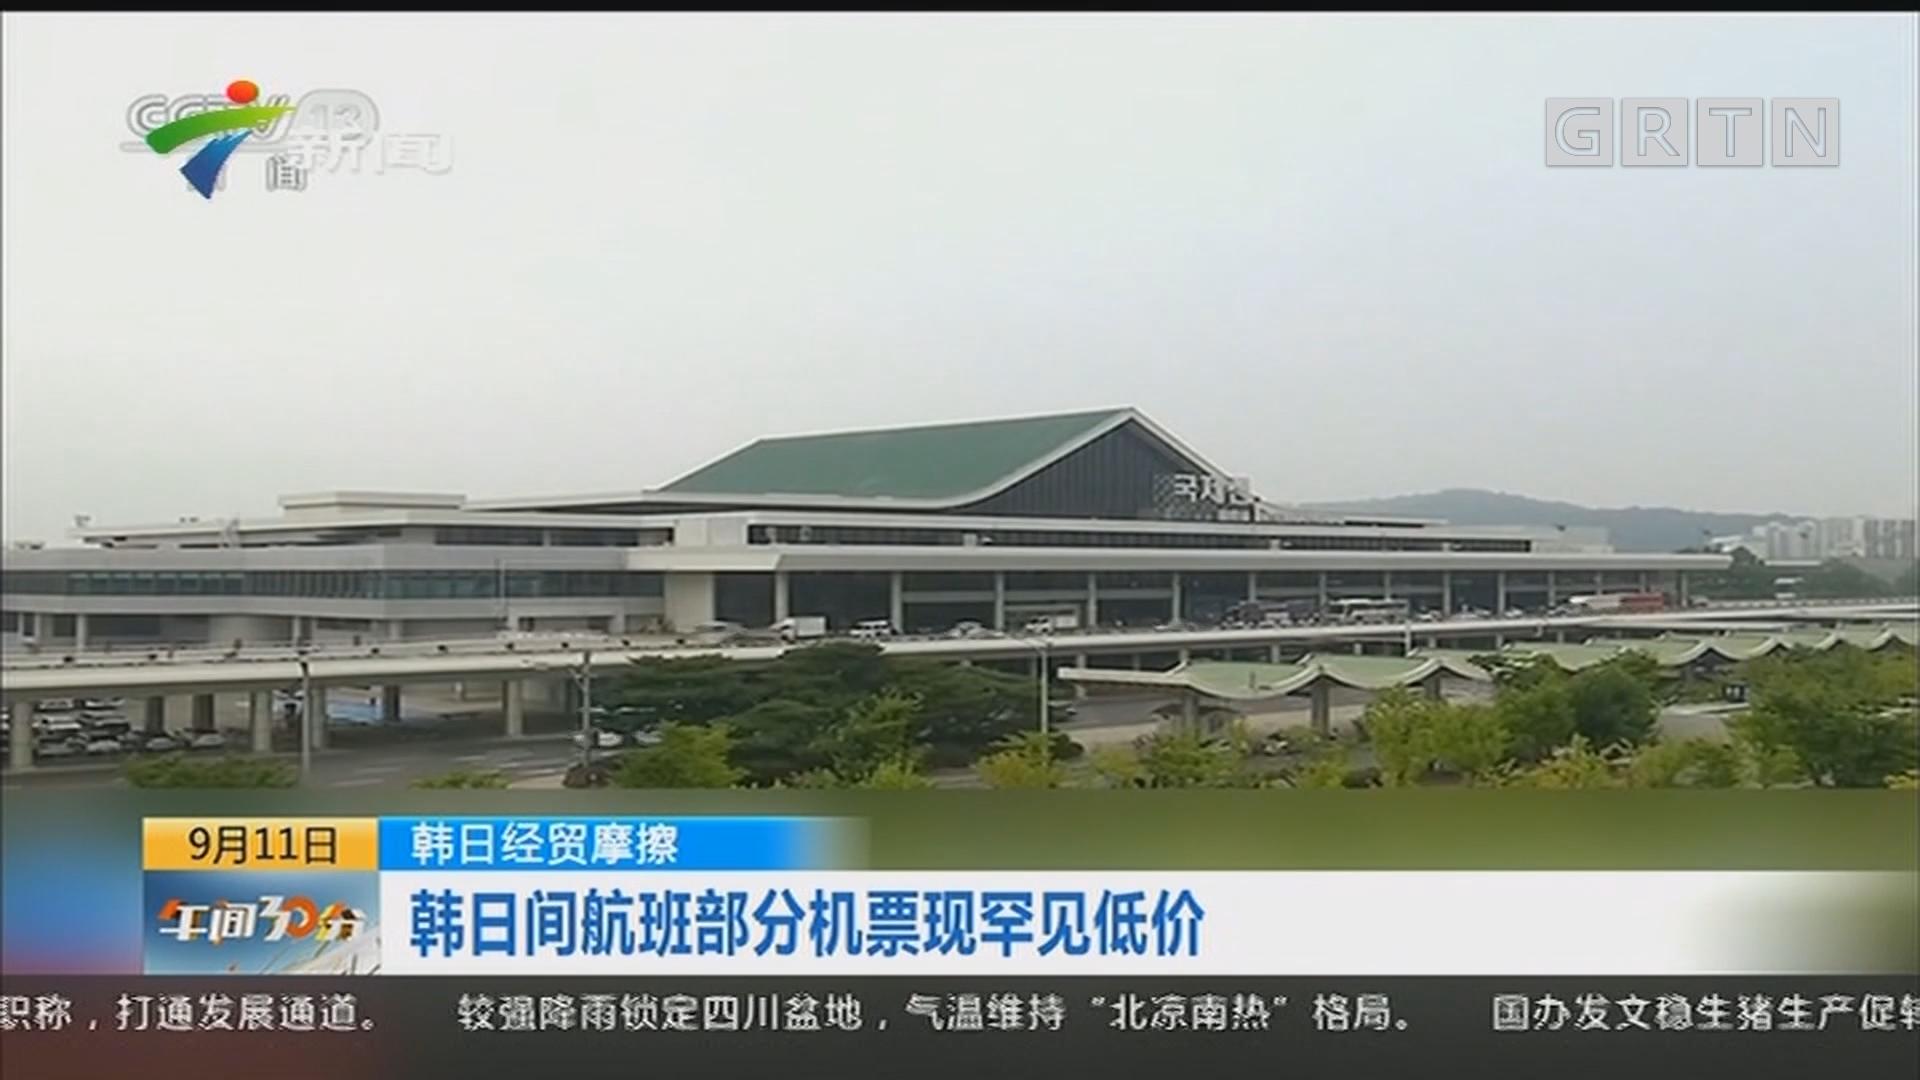 韩日经贸摩擦:韩日间航班部分机票现罕见低价